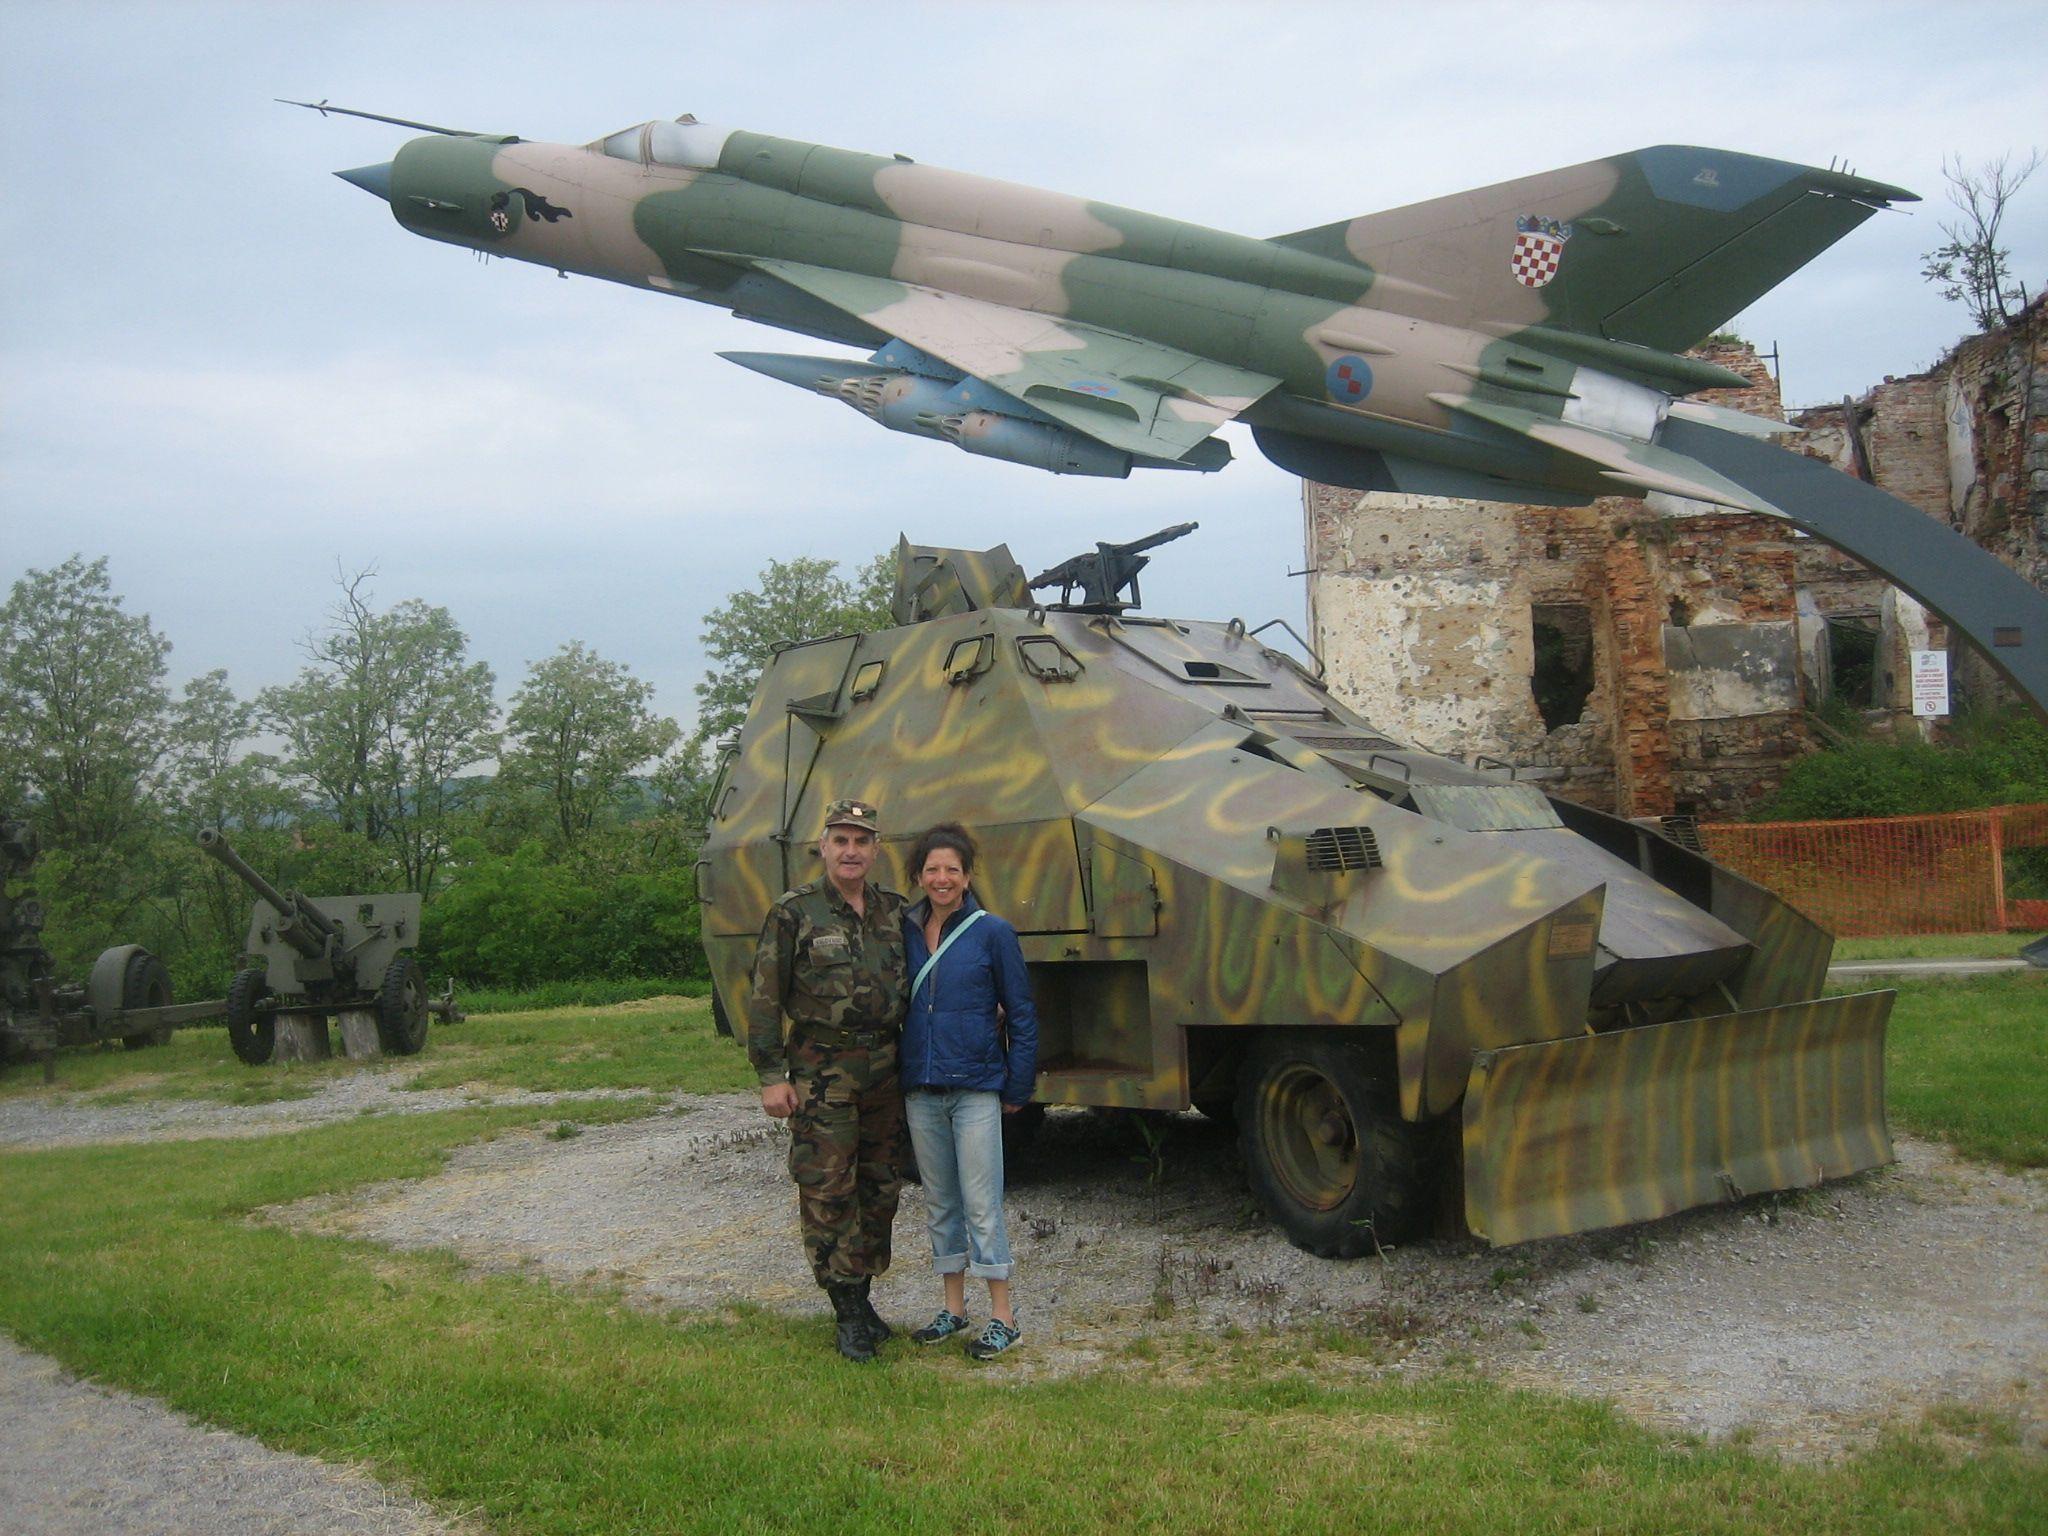 2013-09-10-CroatianWarMuseumStefGeneraltractortank.jpg